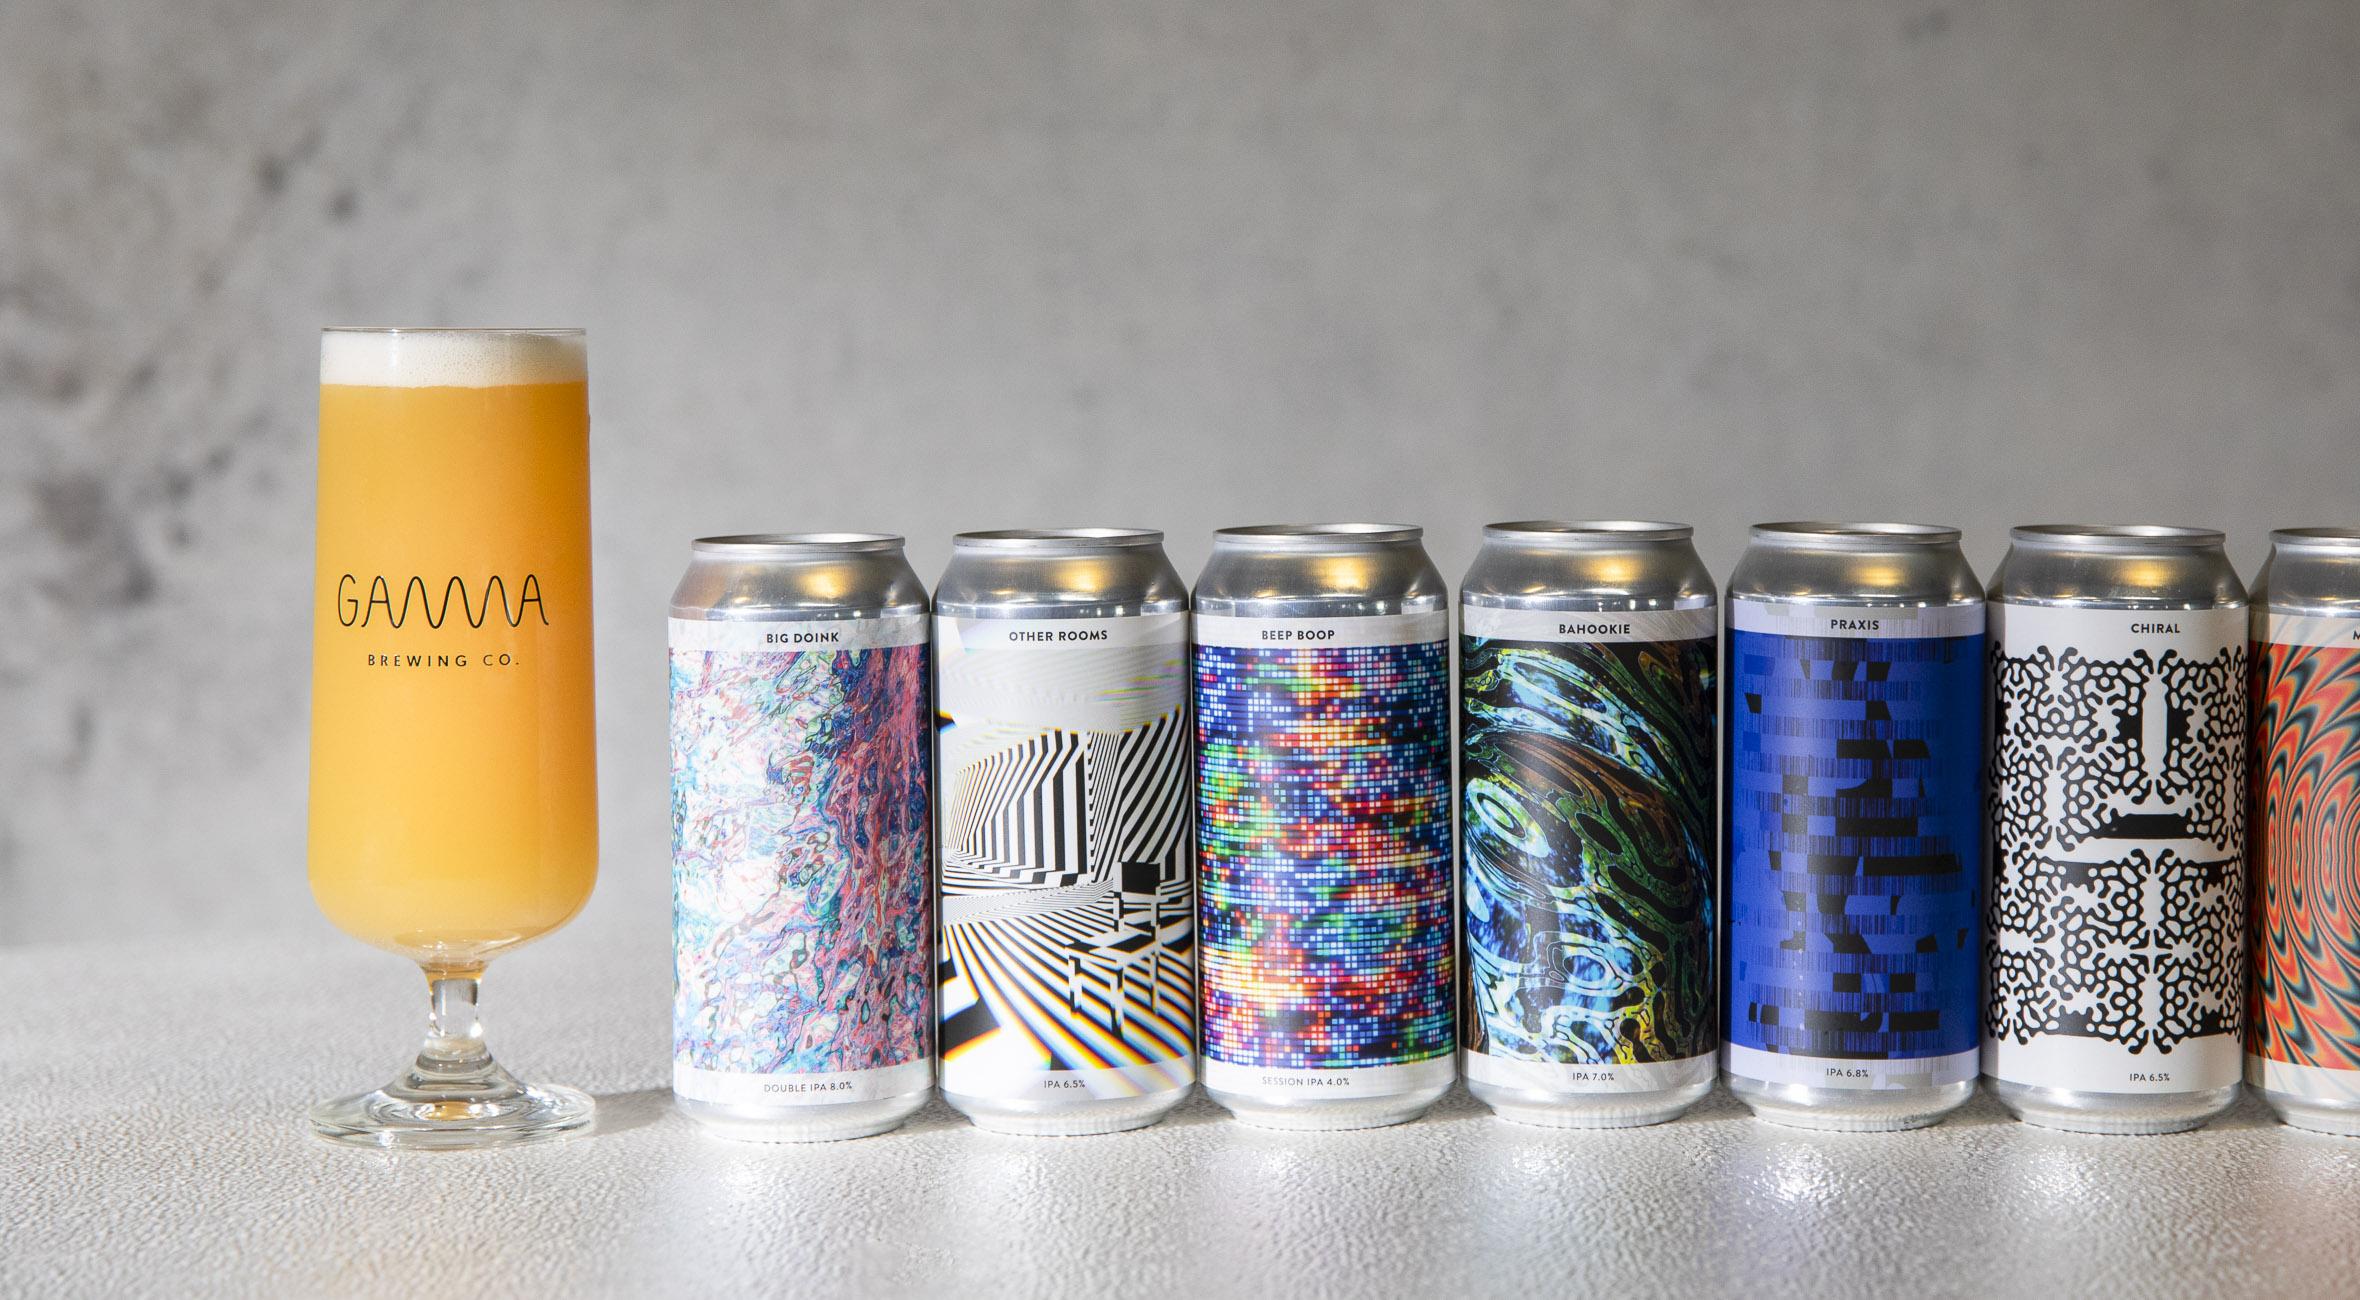 Frit valg til alt hos Gamma Brewing Company – Ét af landets hippeste mikrobryggerier har åbnet nyt bryggeri! Besøg bryggeriet i Herlev og få helt friskt øl med hjem